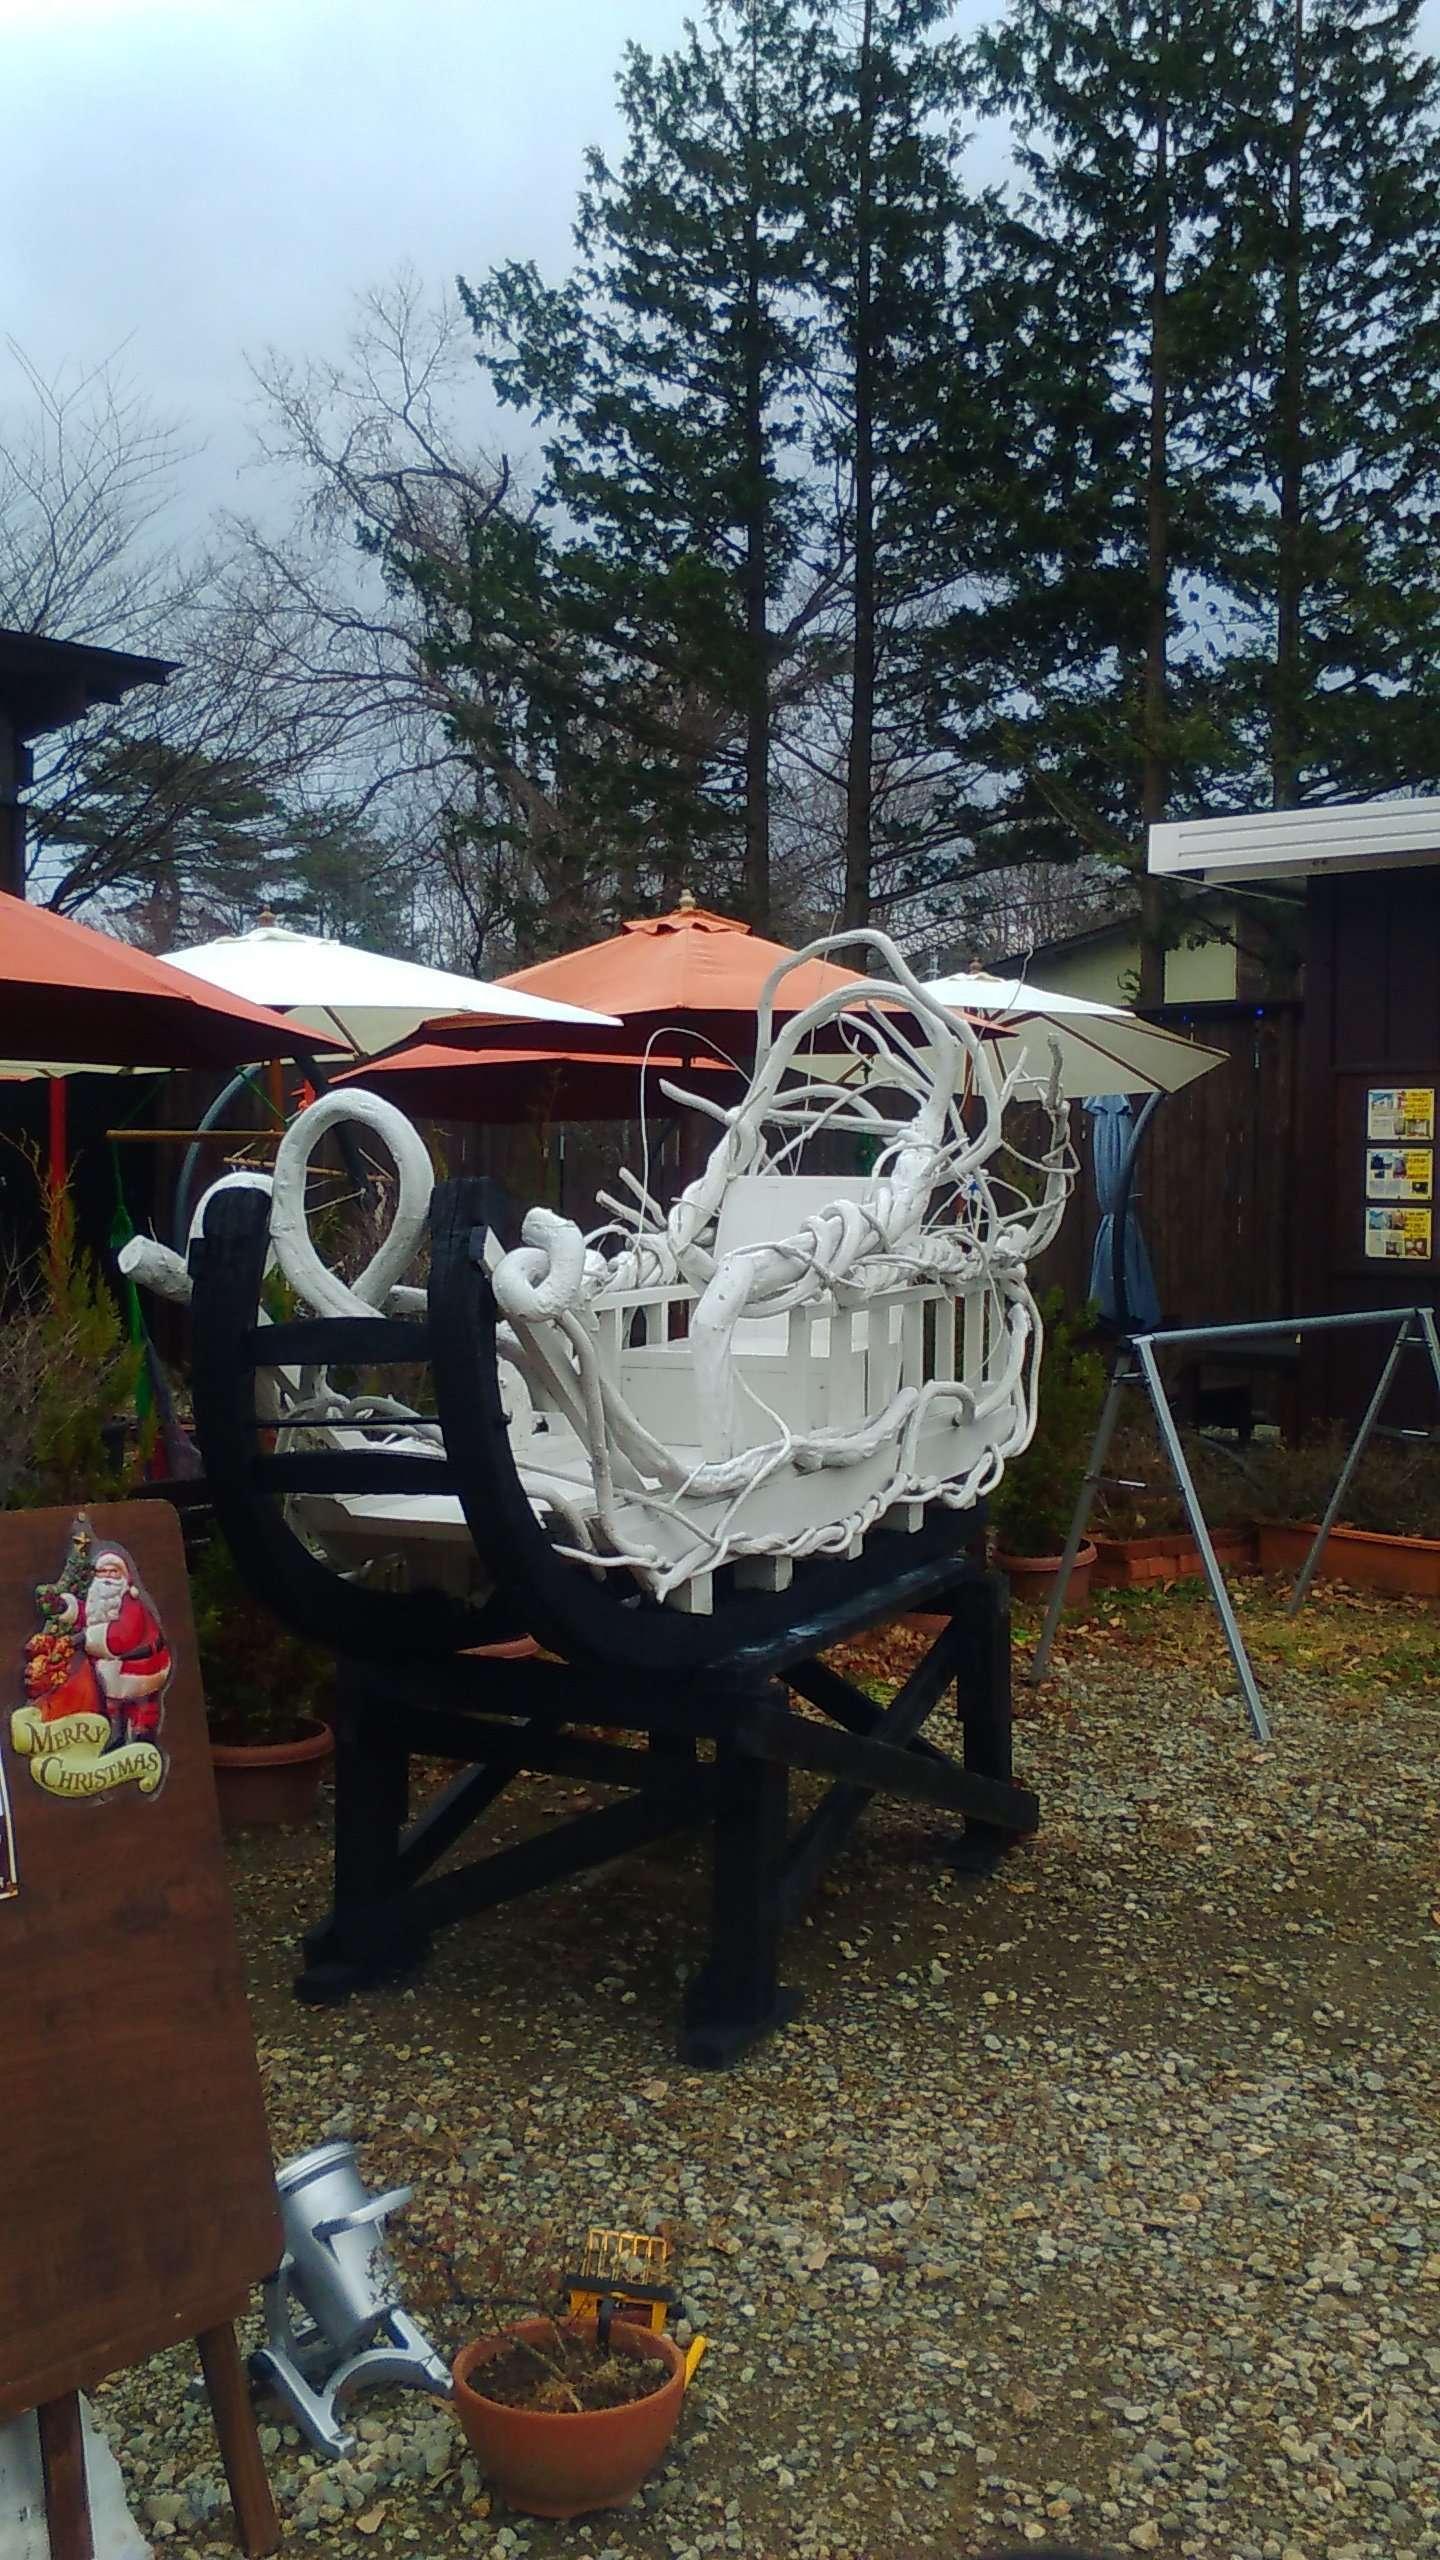 Santa's sleigh Tochigi finland no mori Santastic